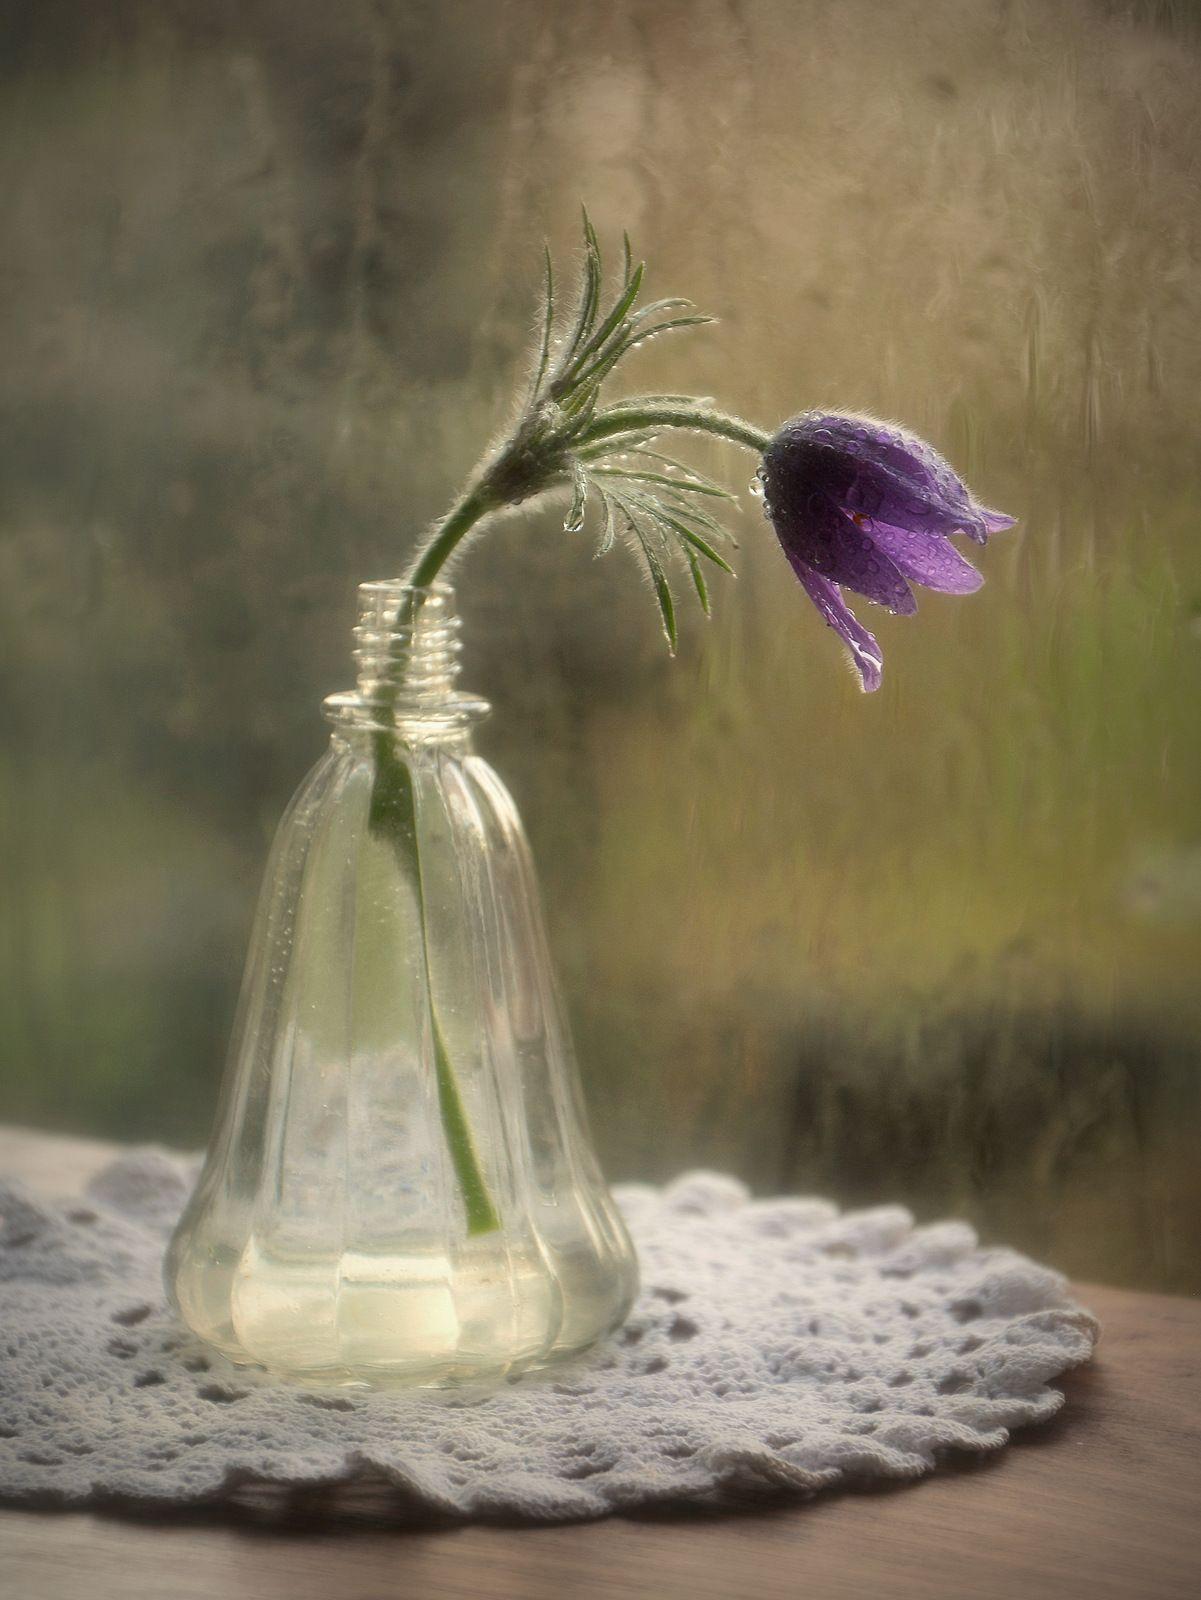 Цветок во флаконе Сергей Алексеев натюрморт